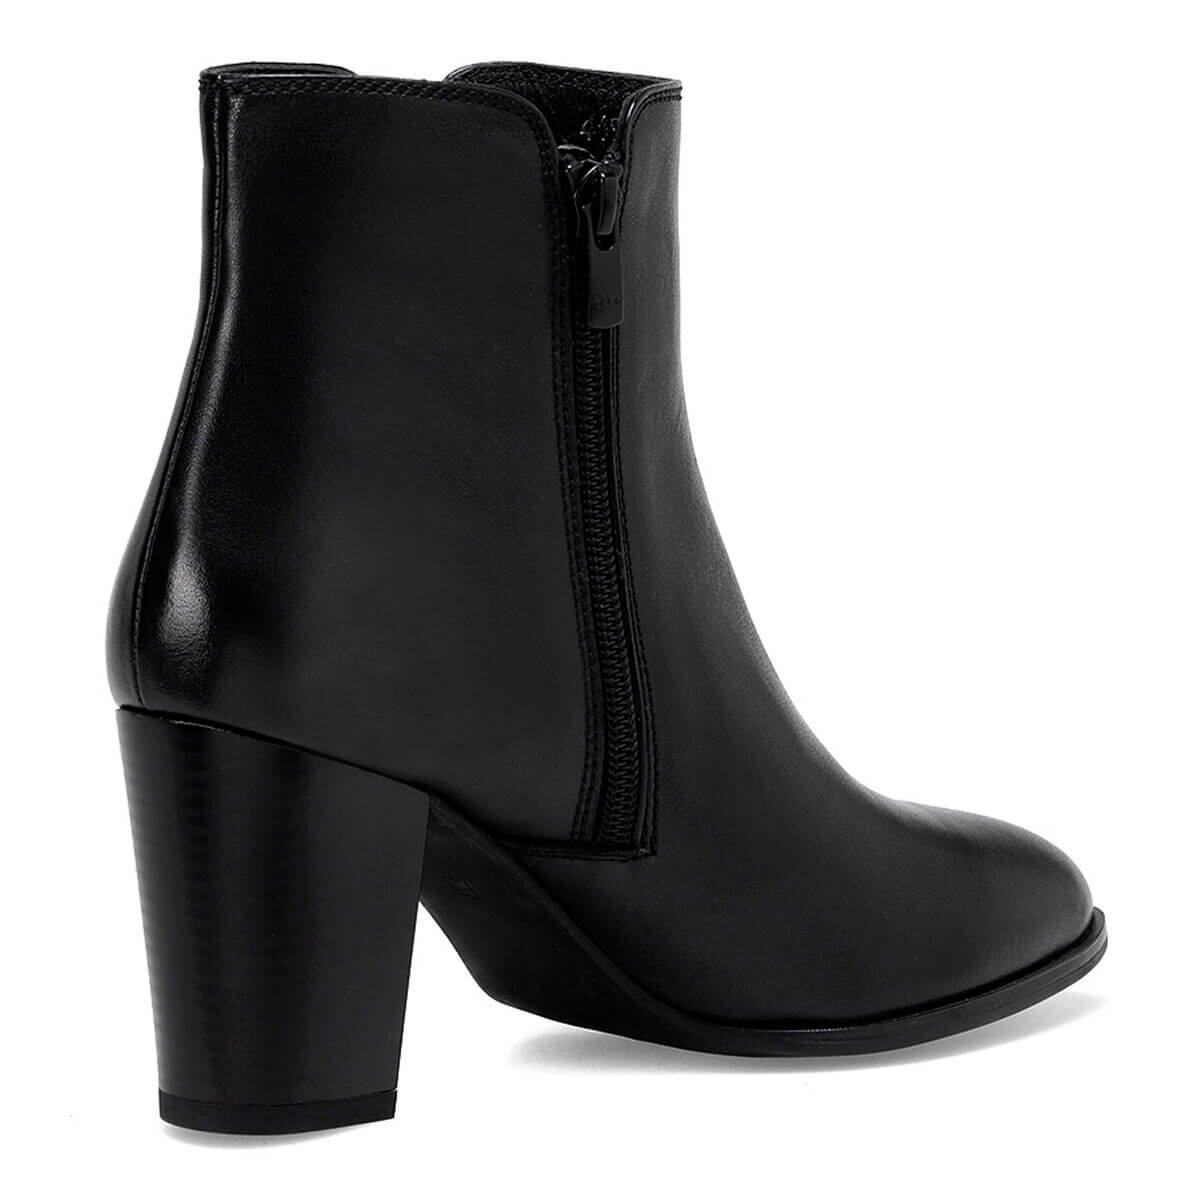 HEDEN Siyah Kadın Topuklu Bot